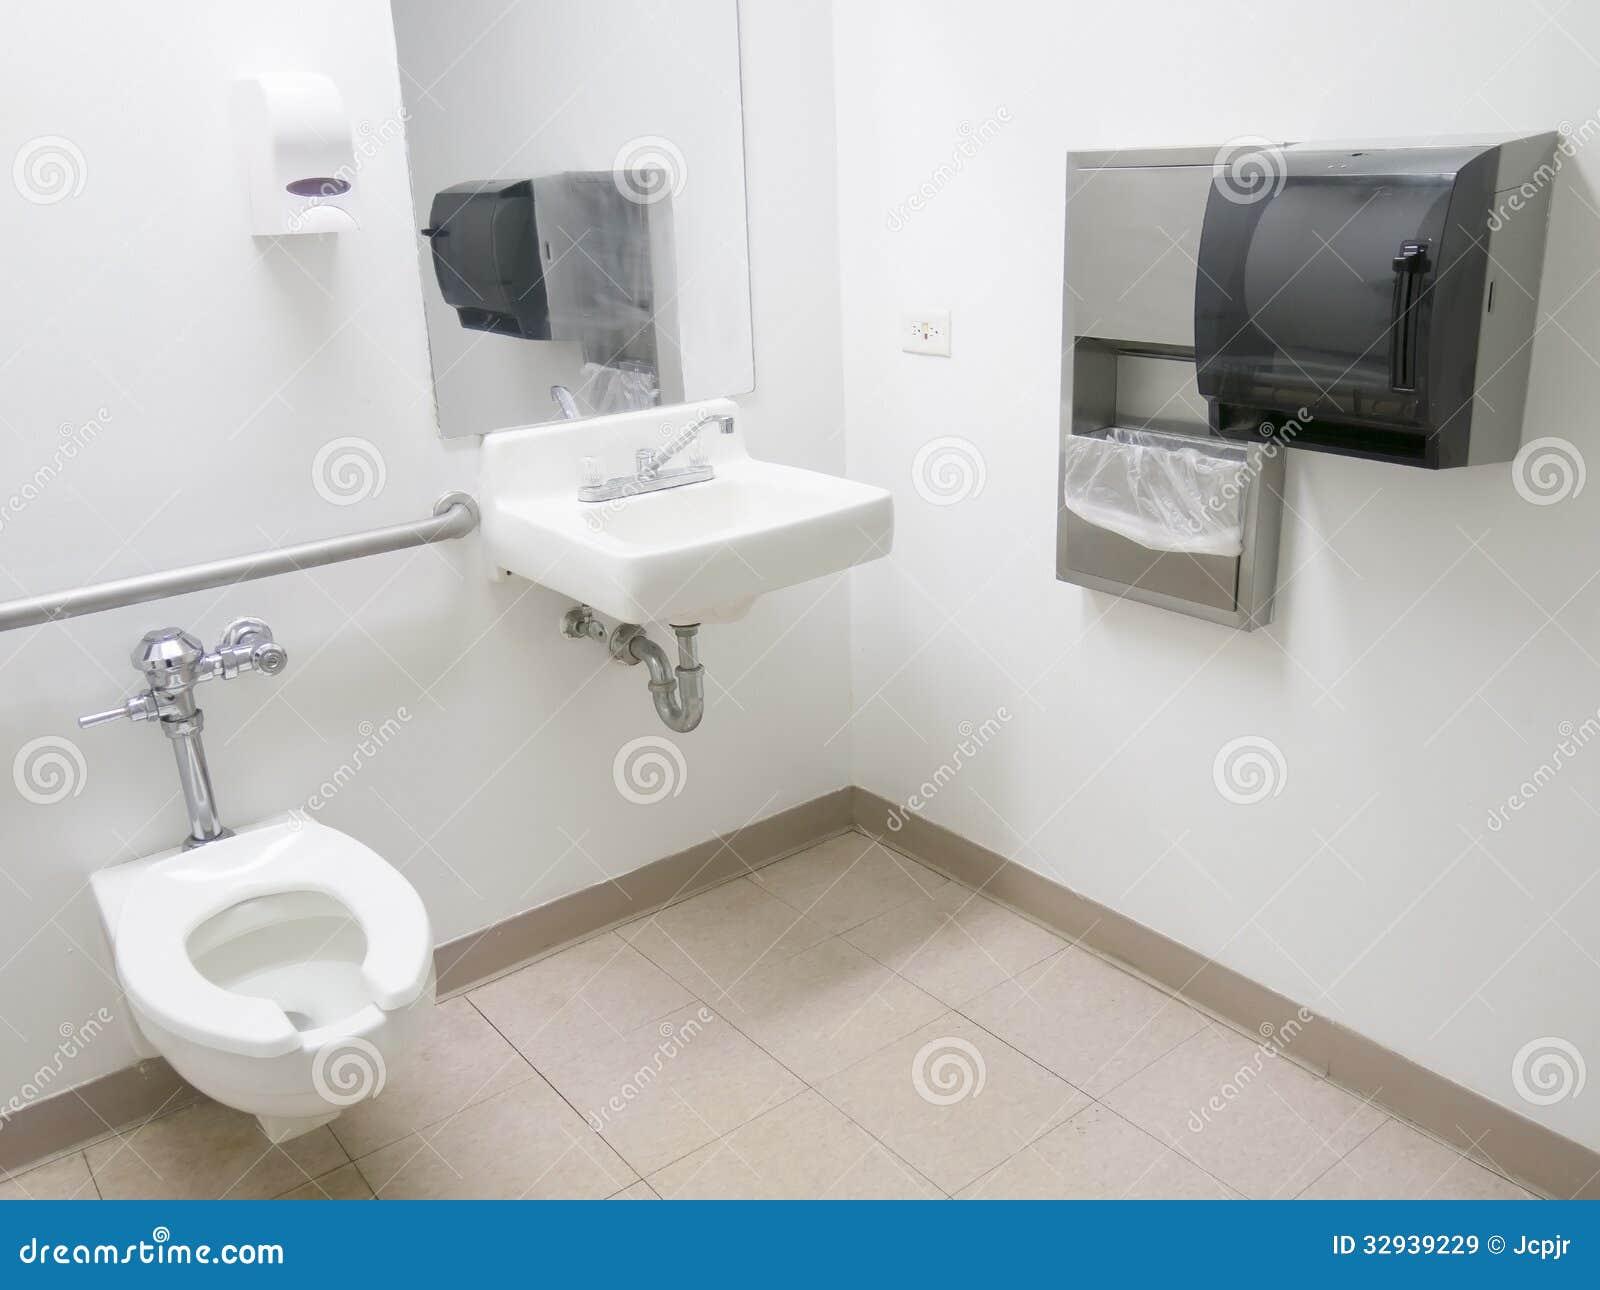 Salle de bains d 39 h pital image stock image du sant for Distributeur savon salle de bain